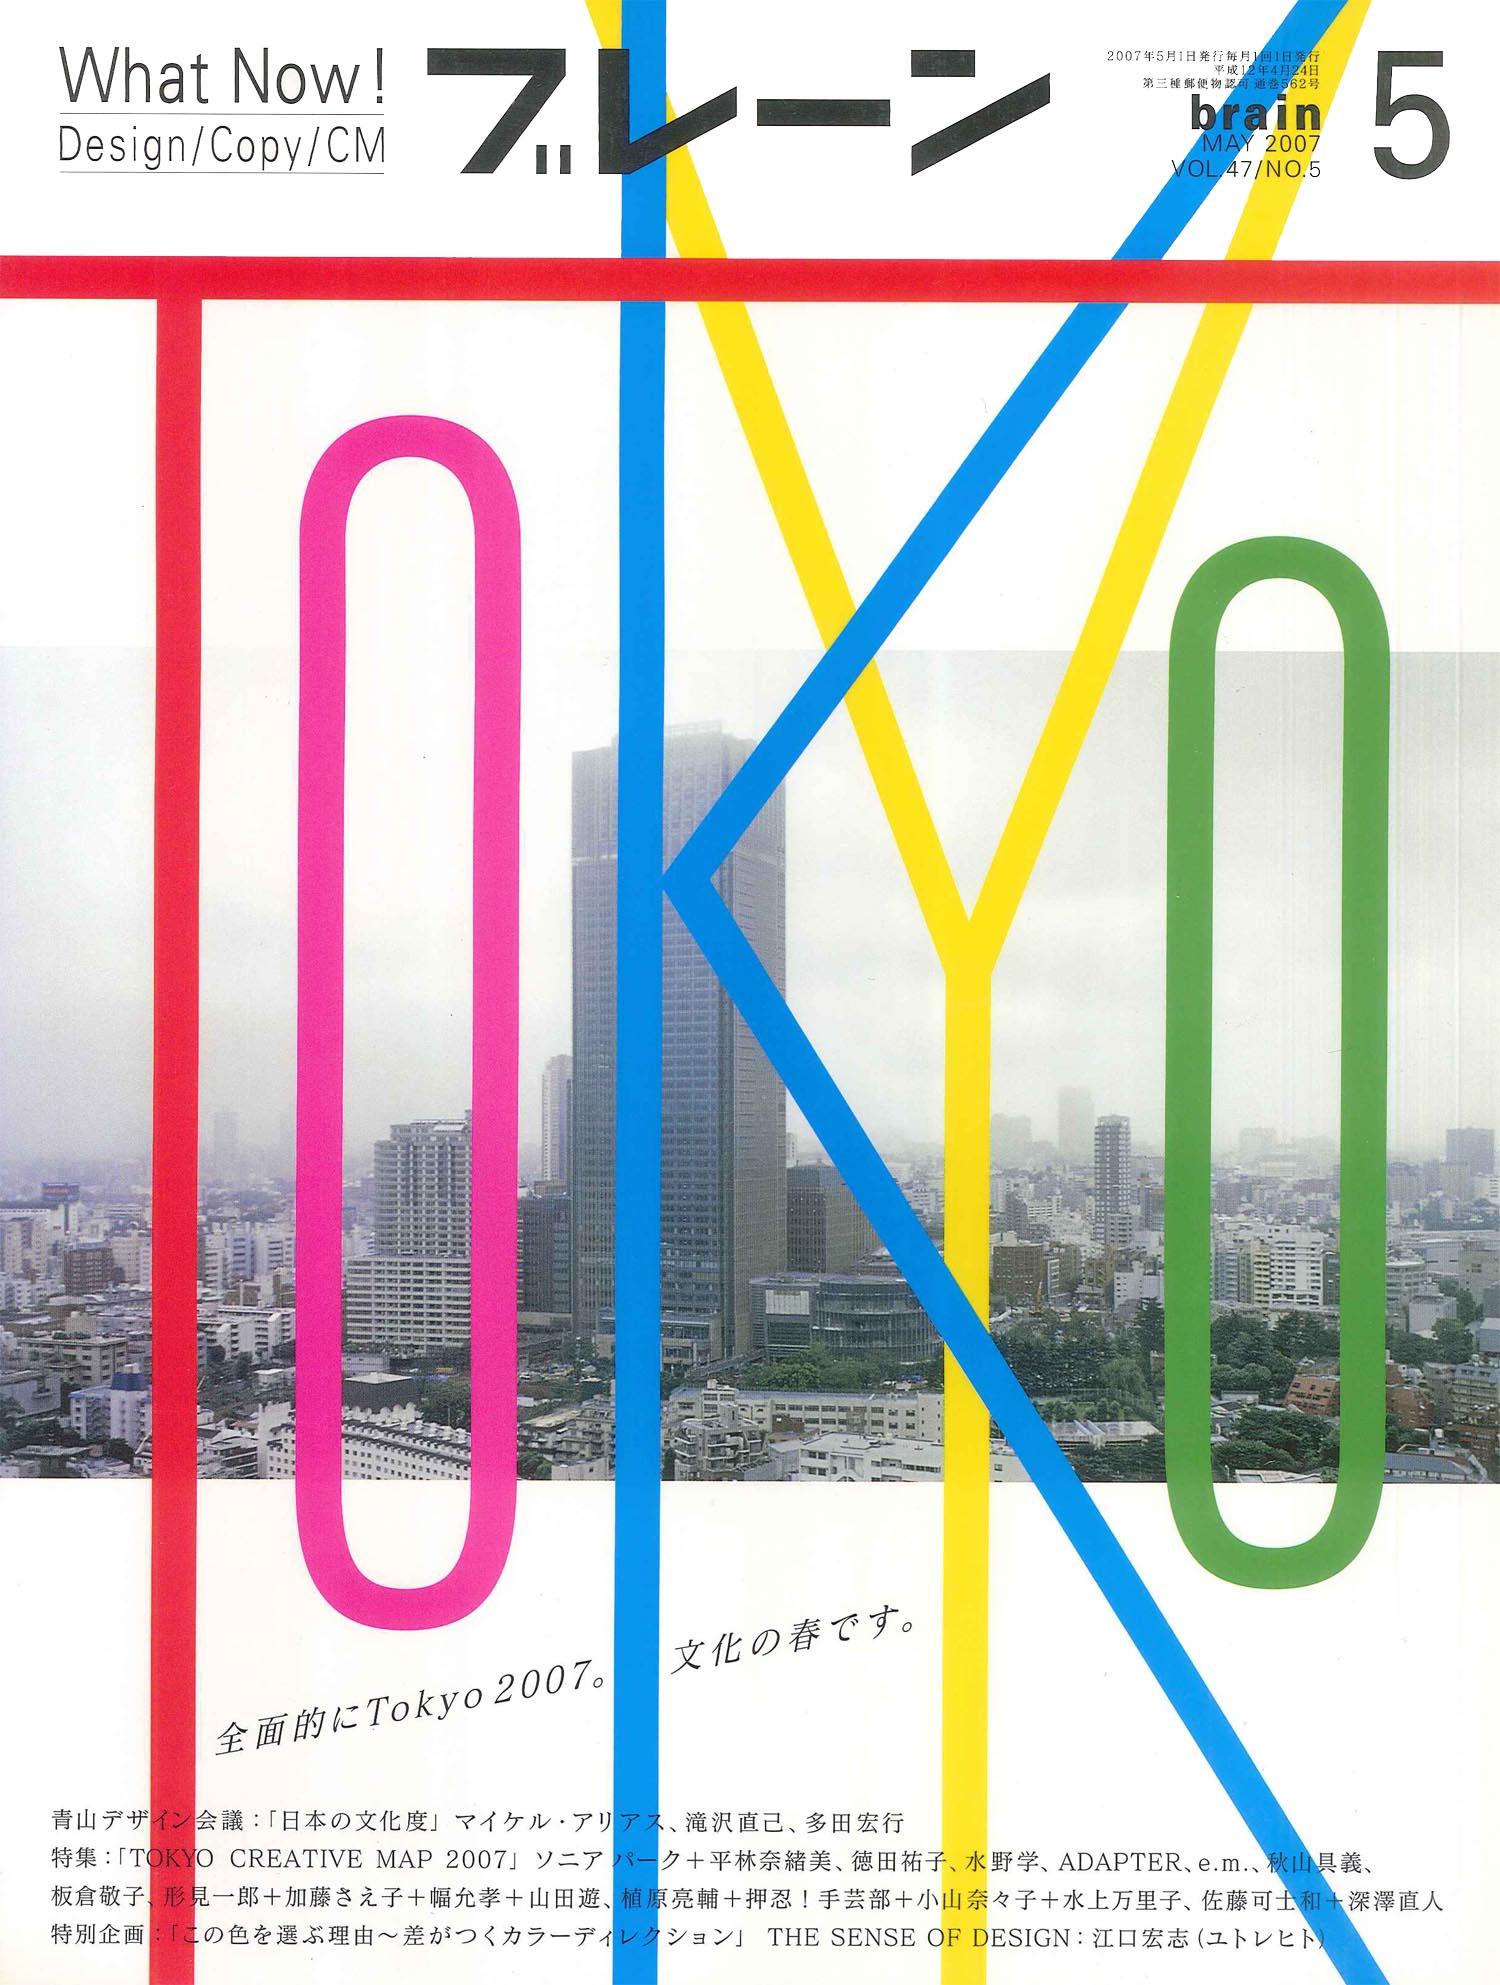 色の達人 エマニュエル・ムホー <br>「東京の色を空間に再現したい」